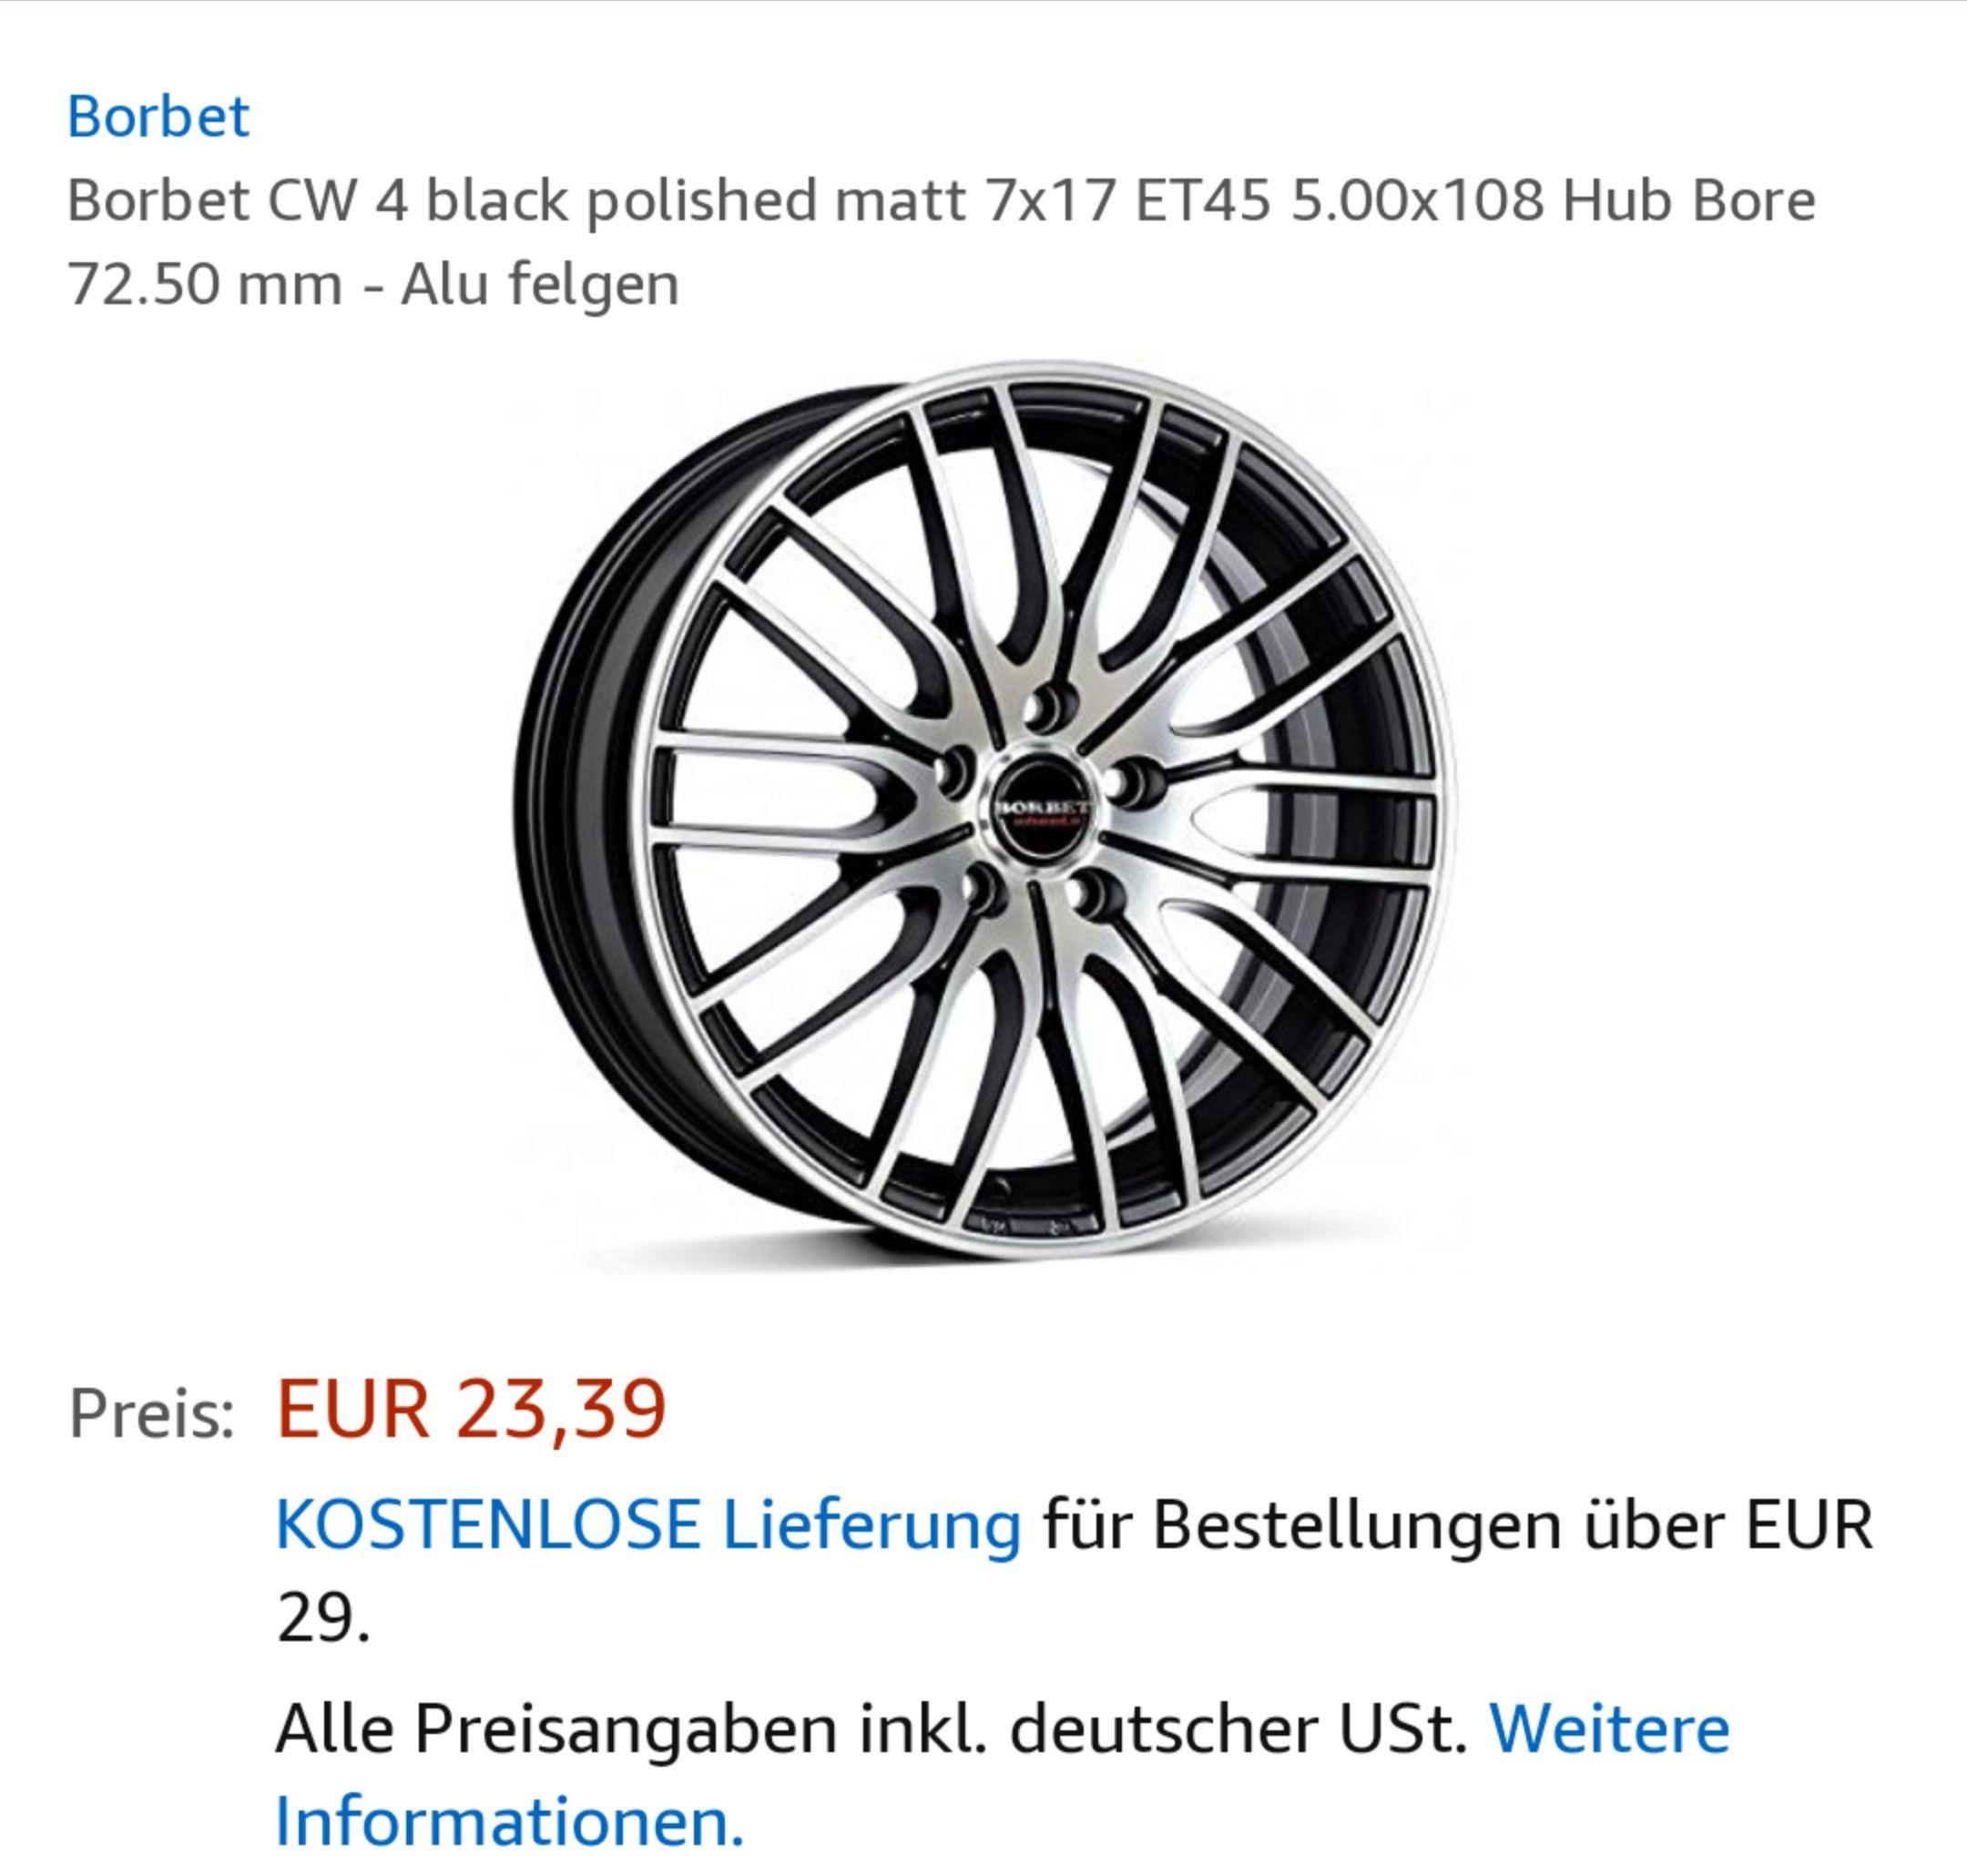 Borbet CW4 (7X17) Felgen für nur 23,39€